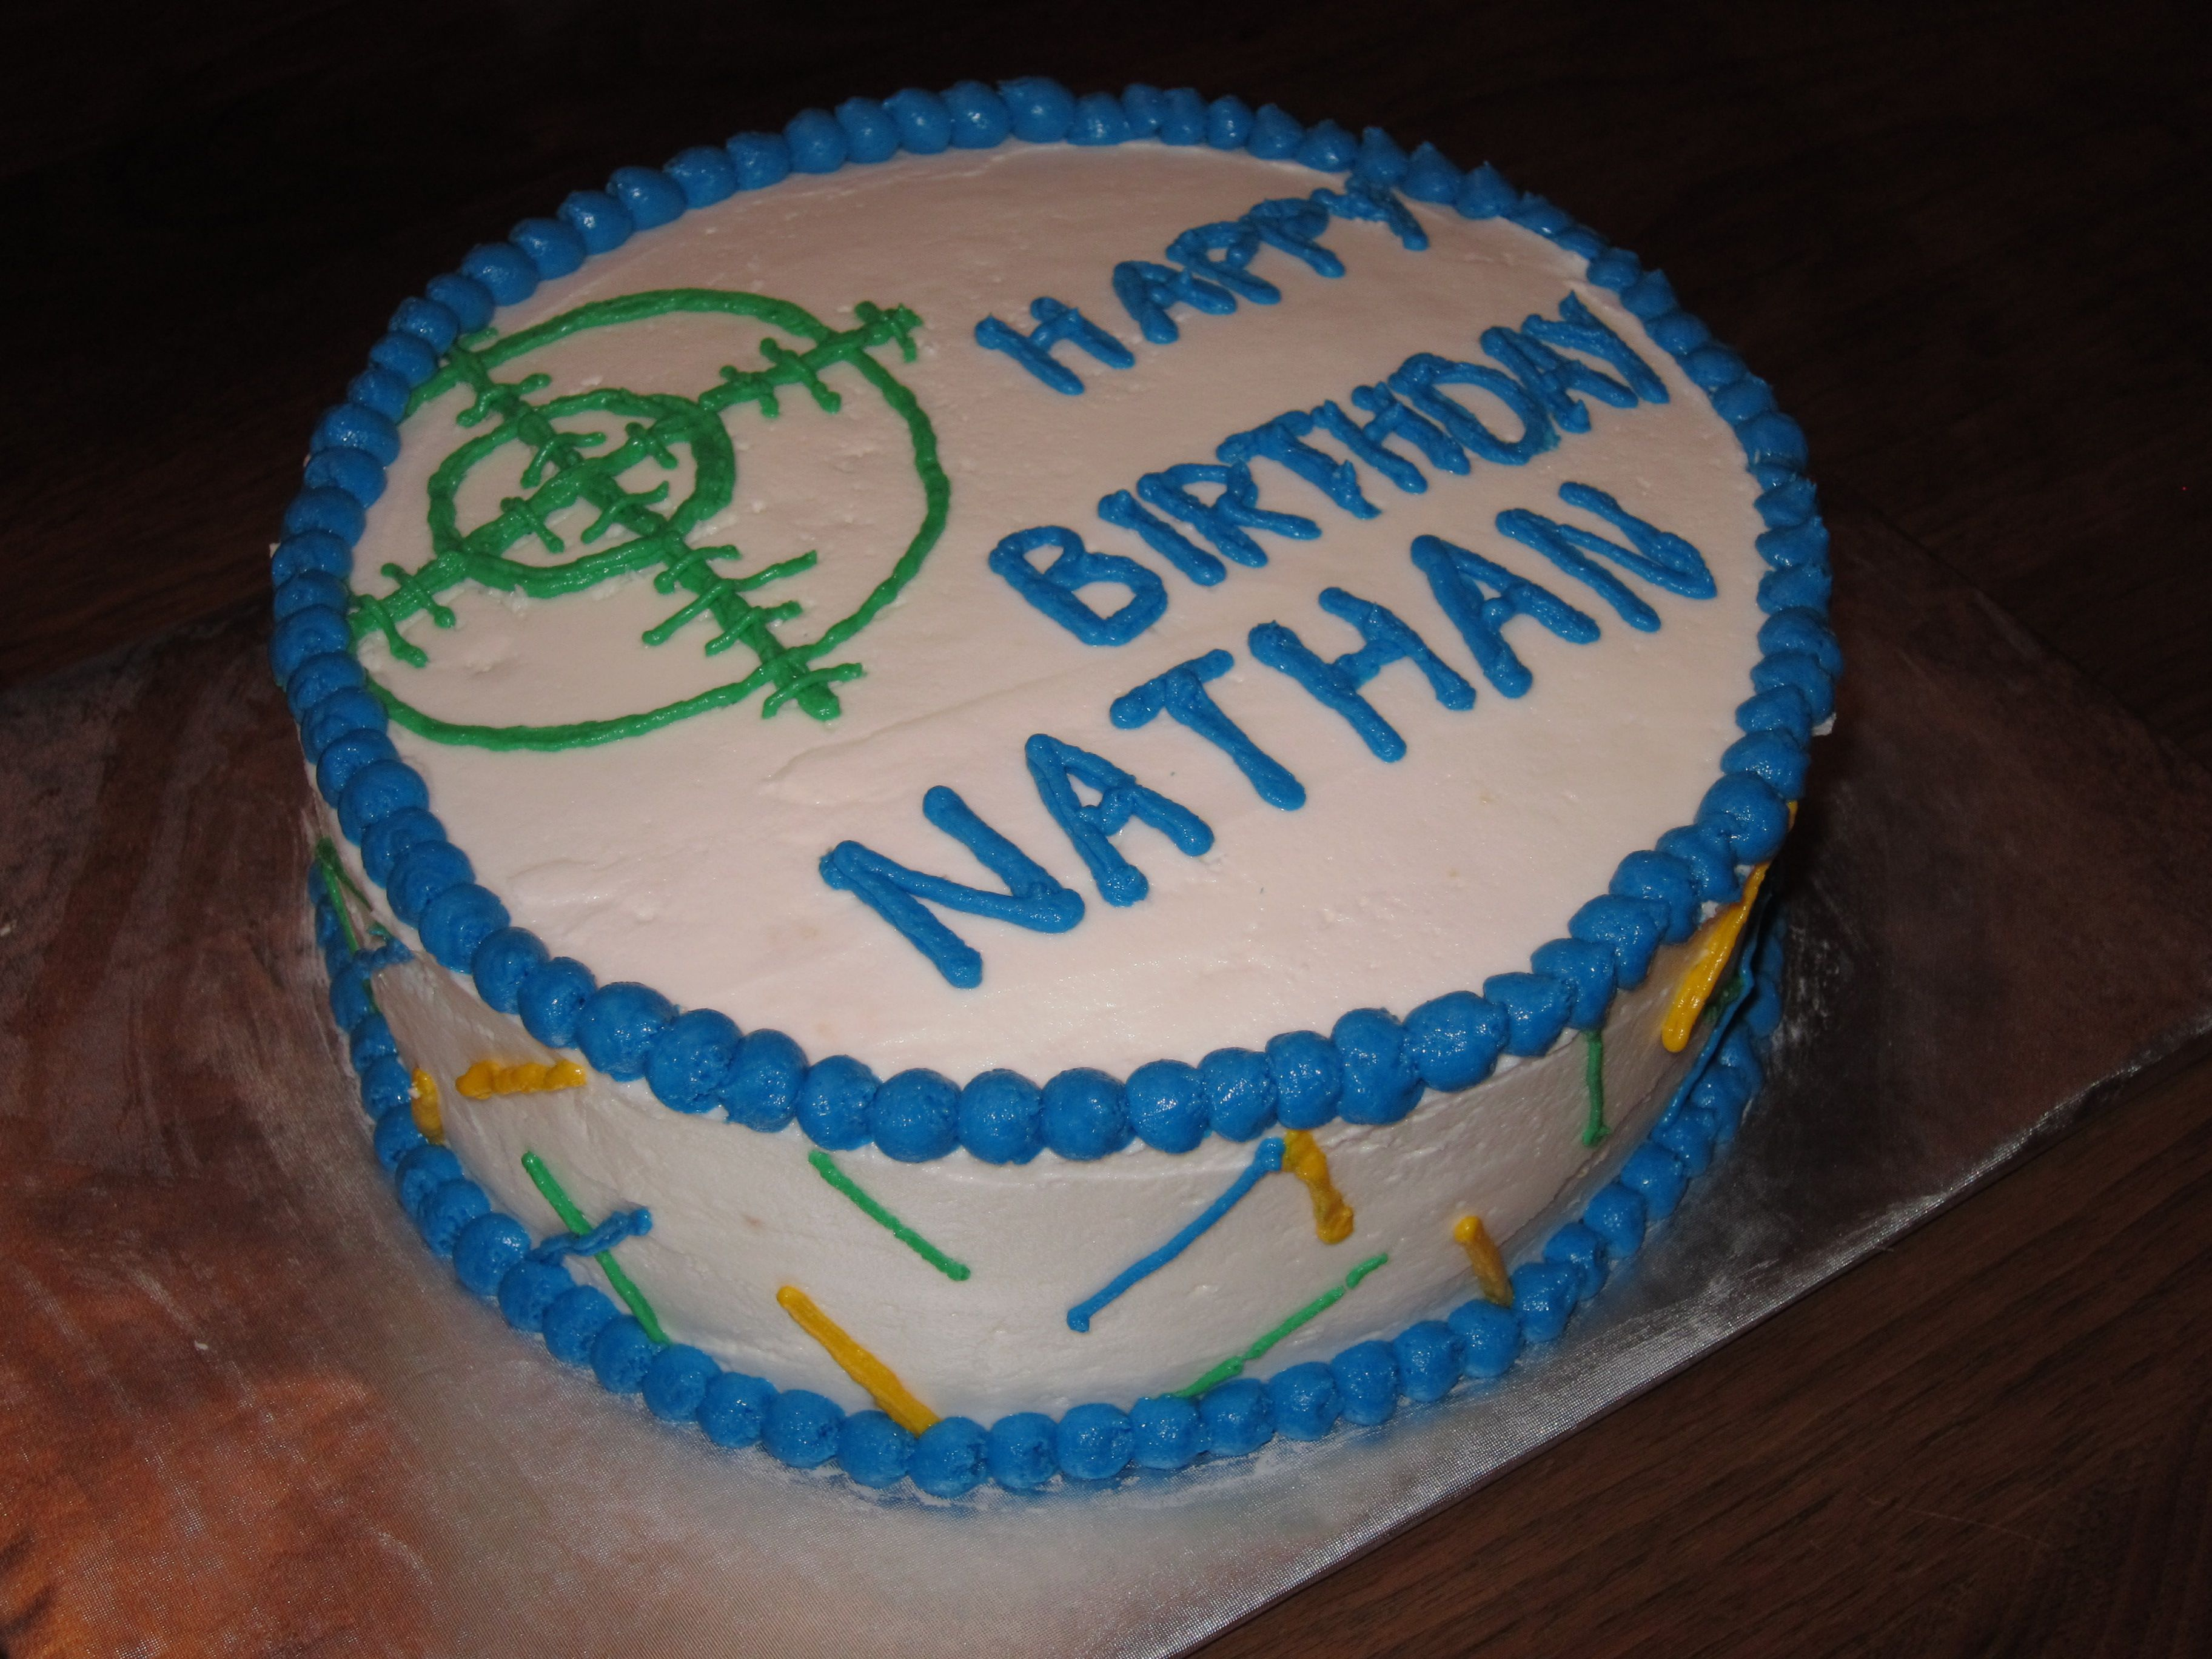 img0568jpg 36482736 pixels Baking Pinterest Cake Laser